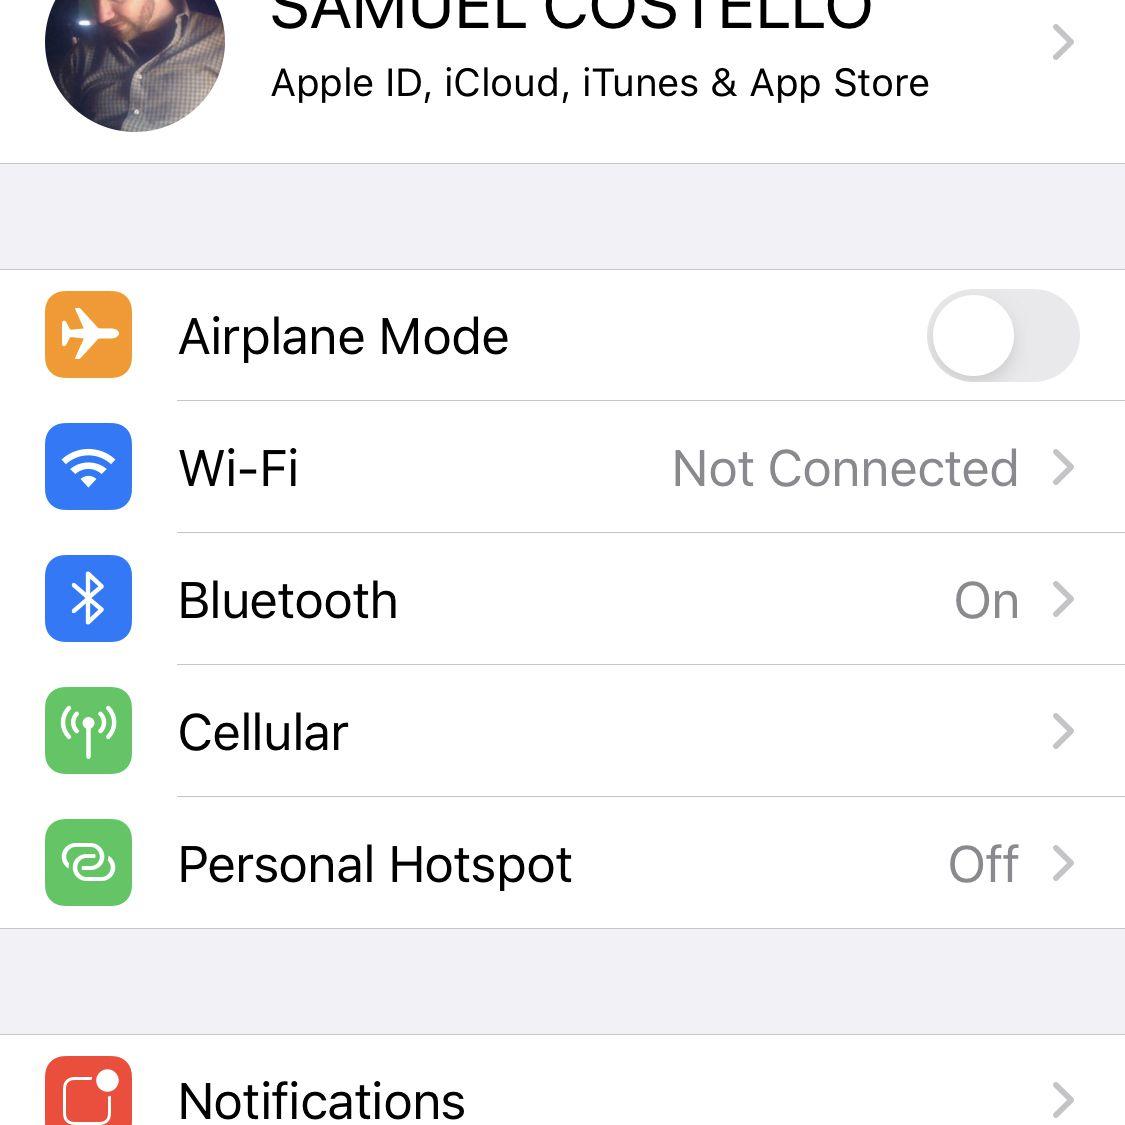 Screenshot of the iOS Settings app